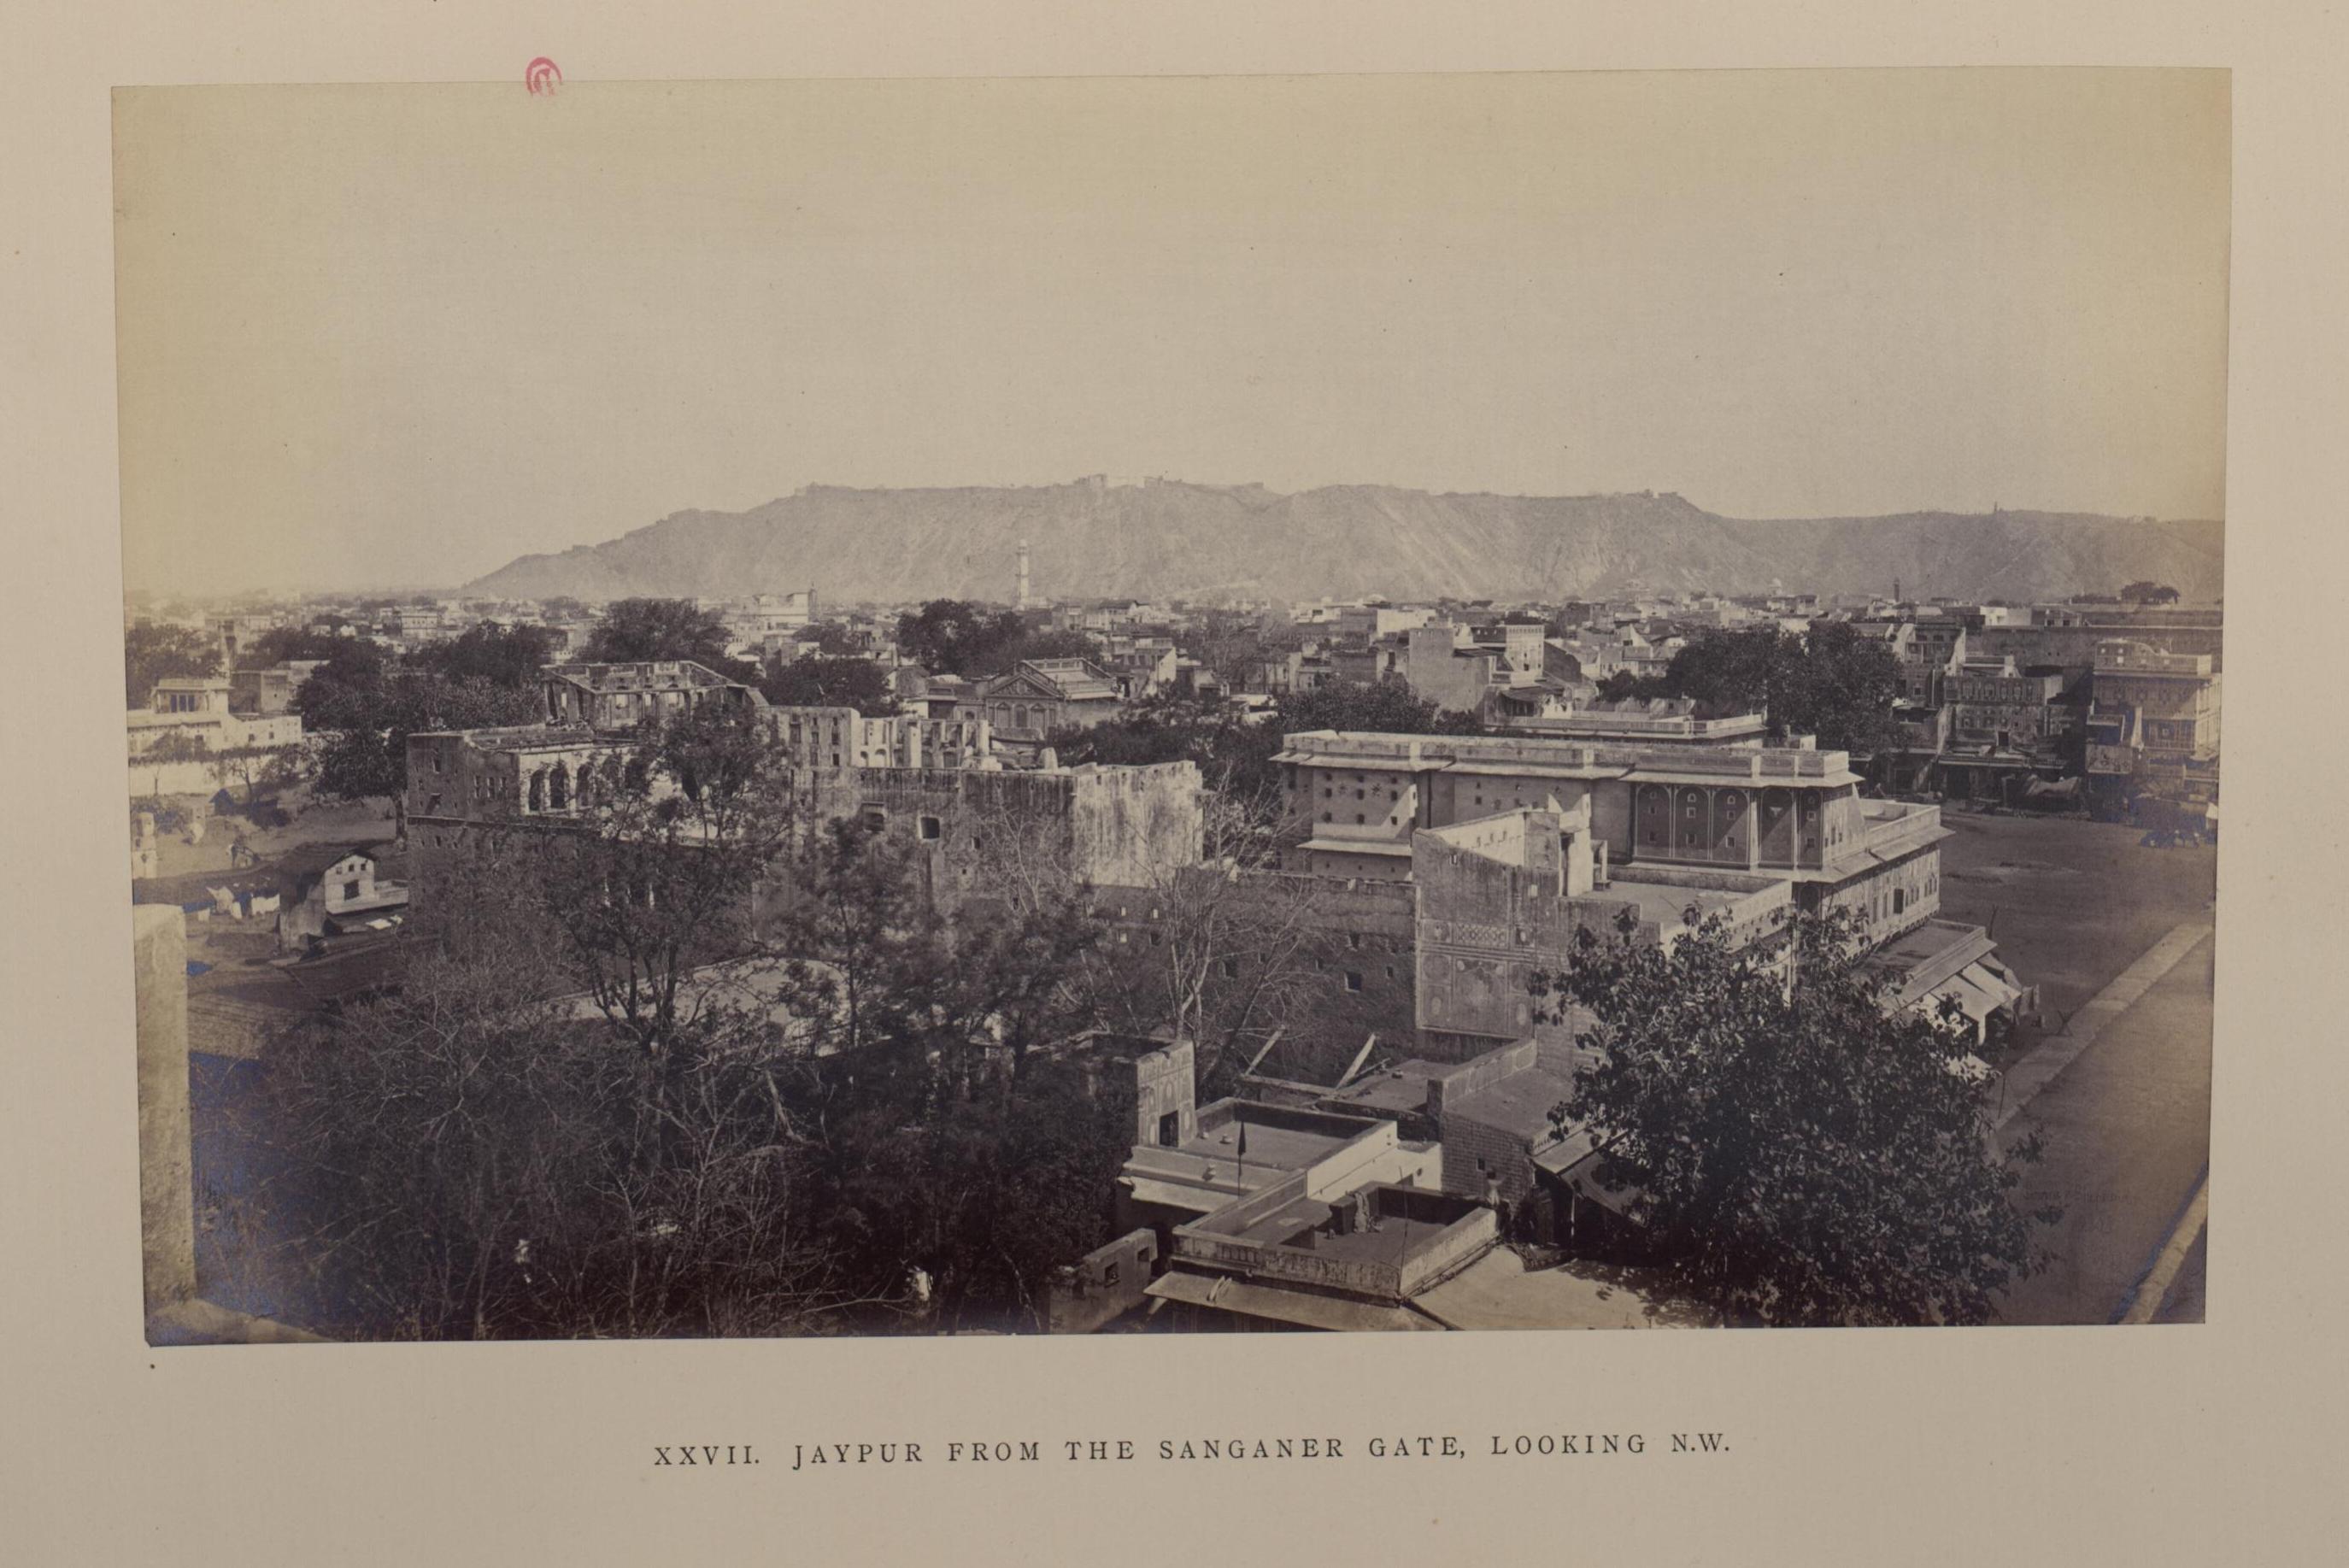 Джайпур. Вид на северо-восток от ворот Санганера